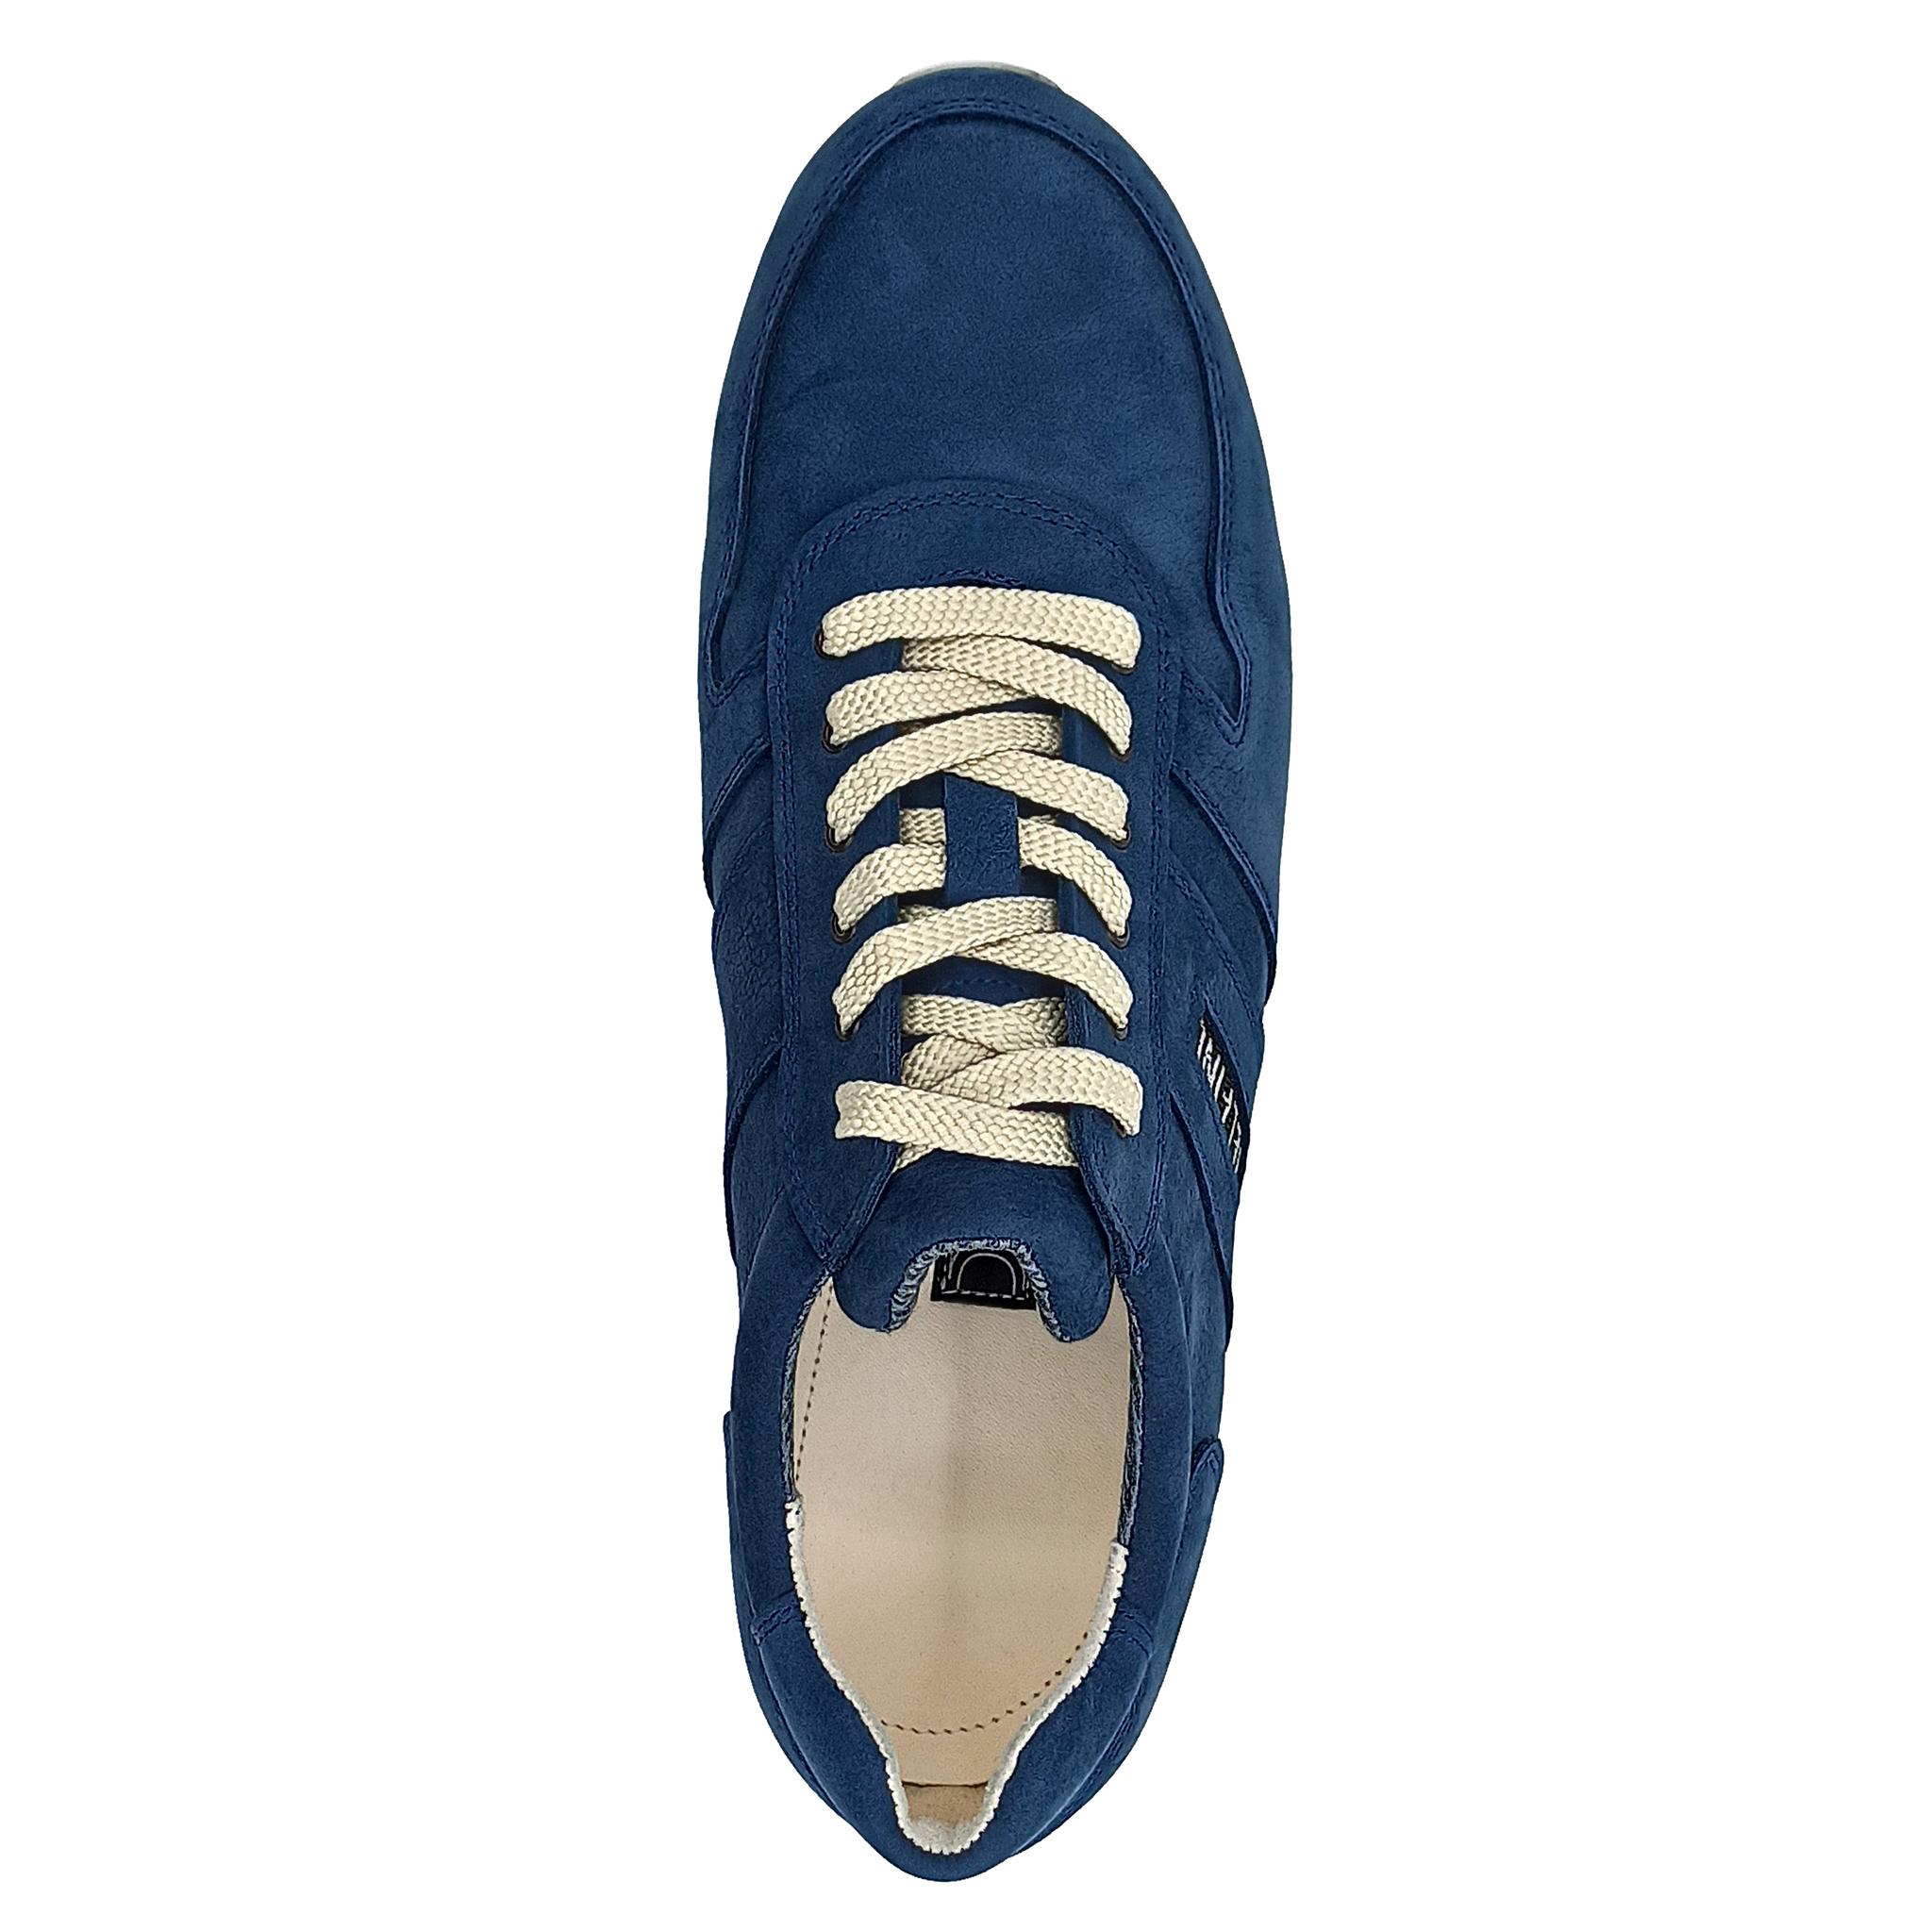 701396 полуботинки мужские синие больших размеров марки Делфино